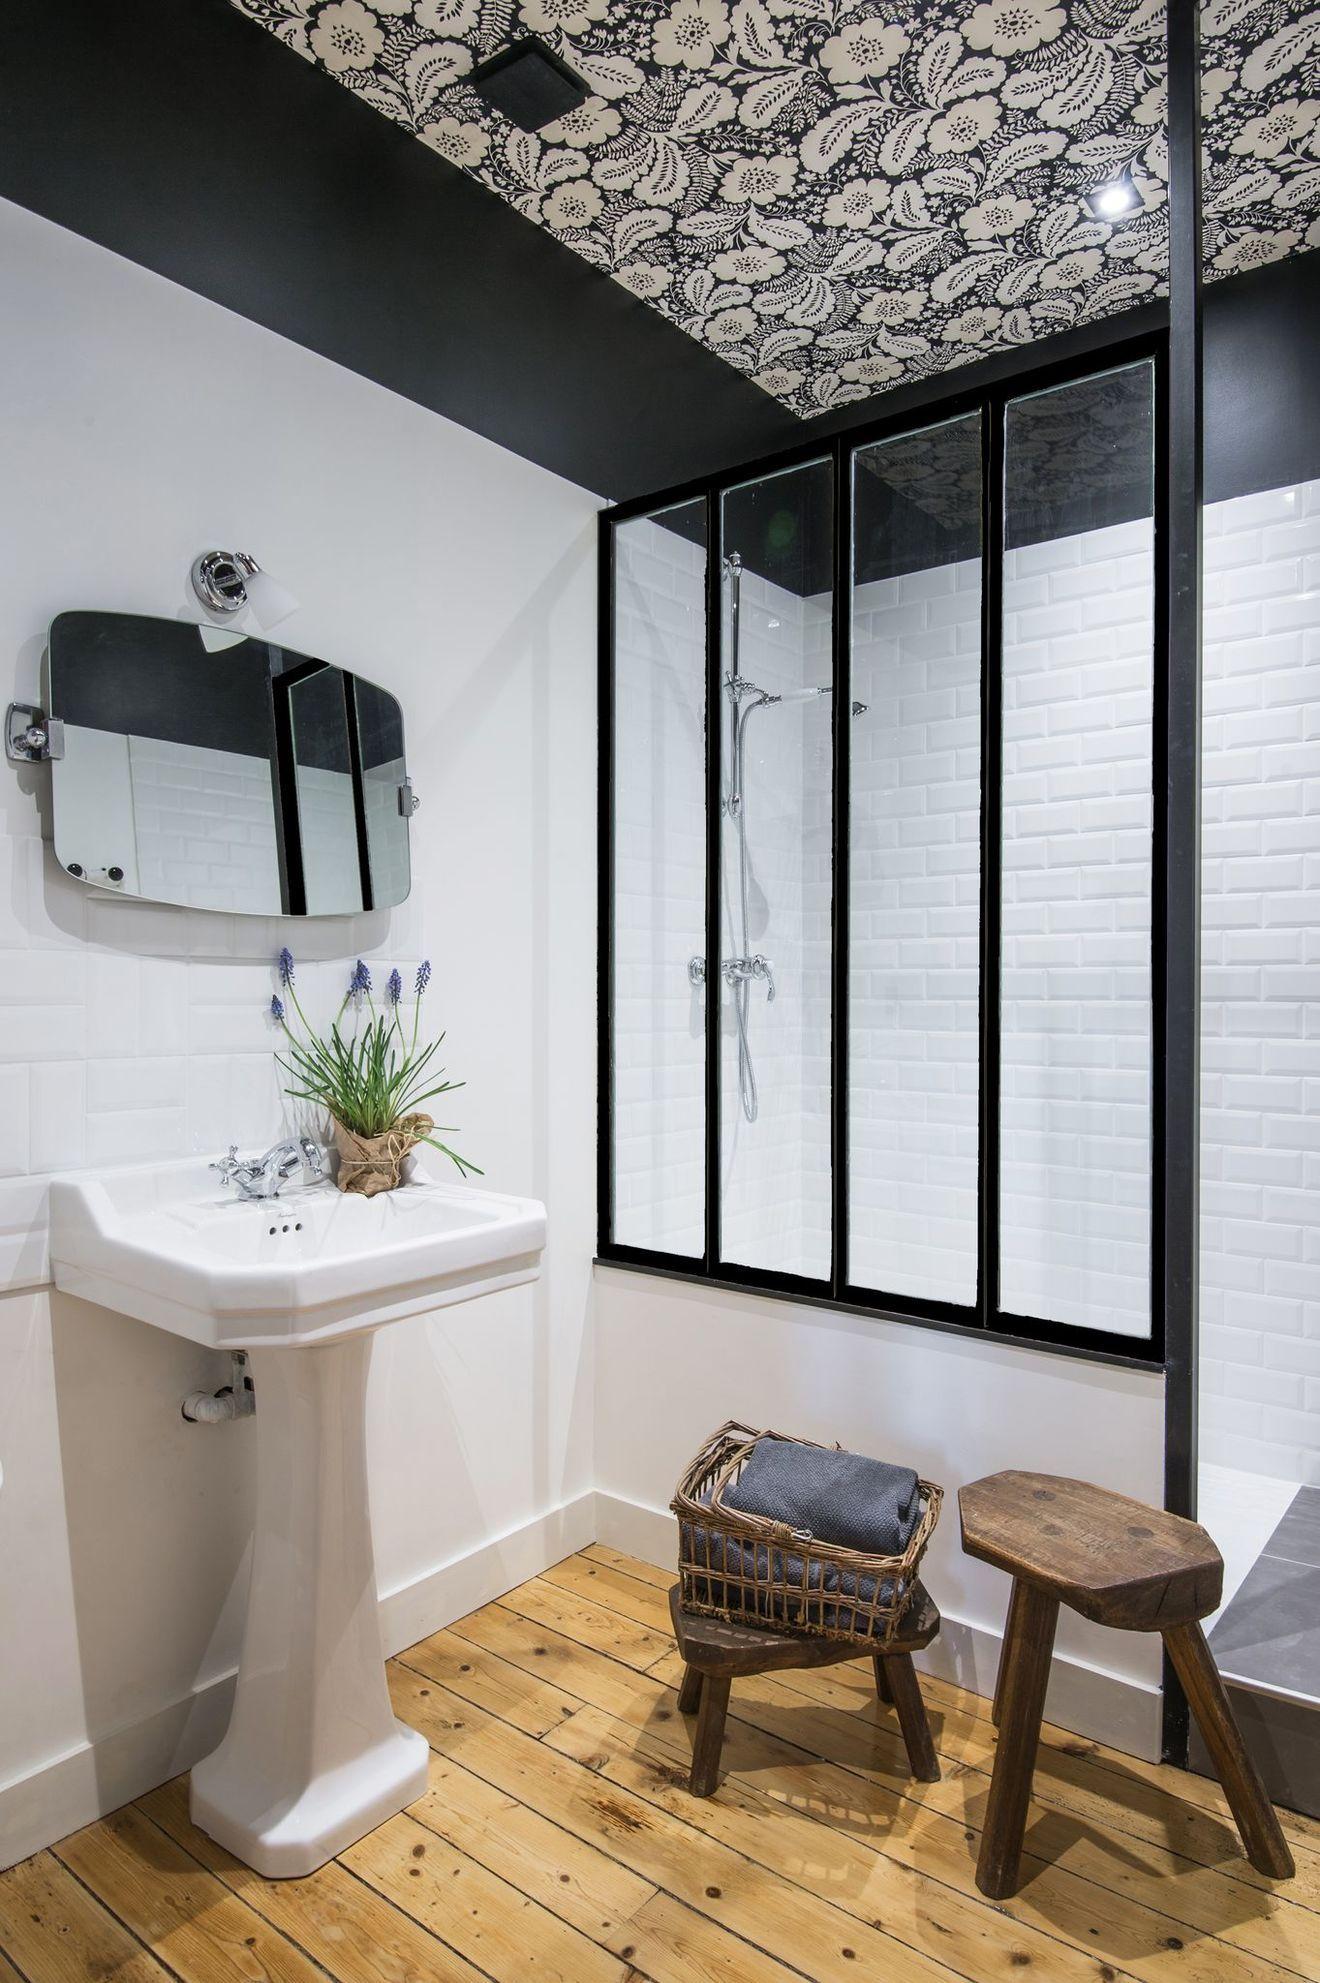 Salle de bains avec verri re inspiration d co par c t maison pinterest salle salle de - Salle de bain pinterest ...